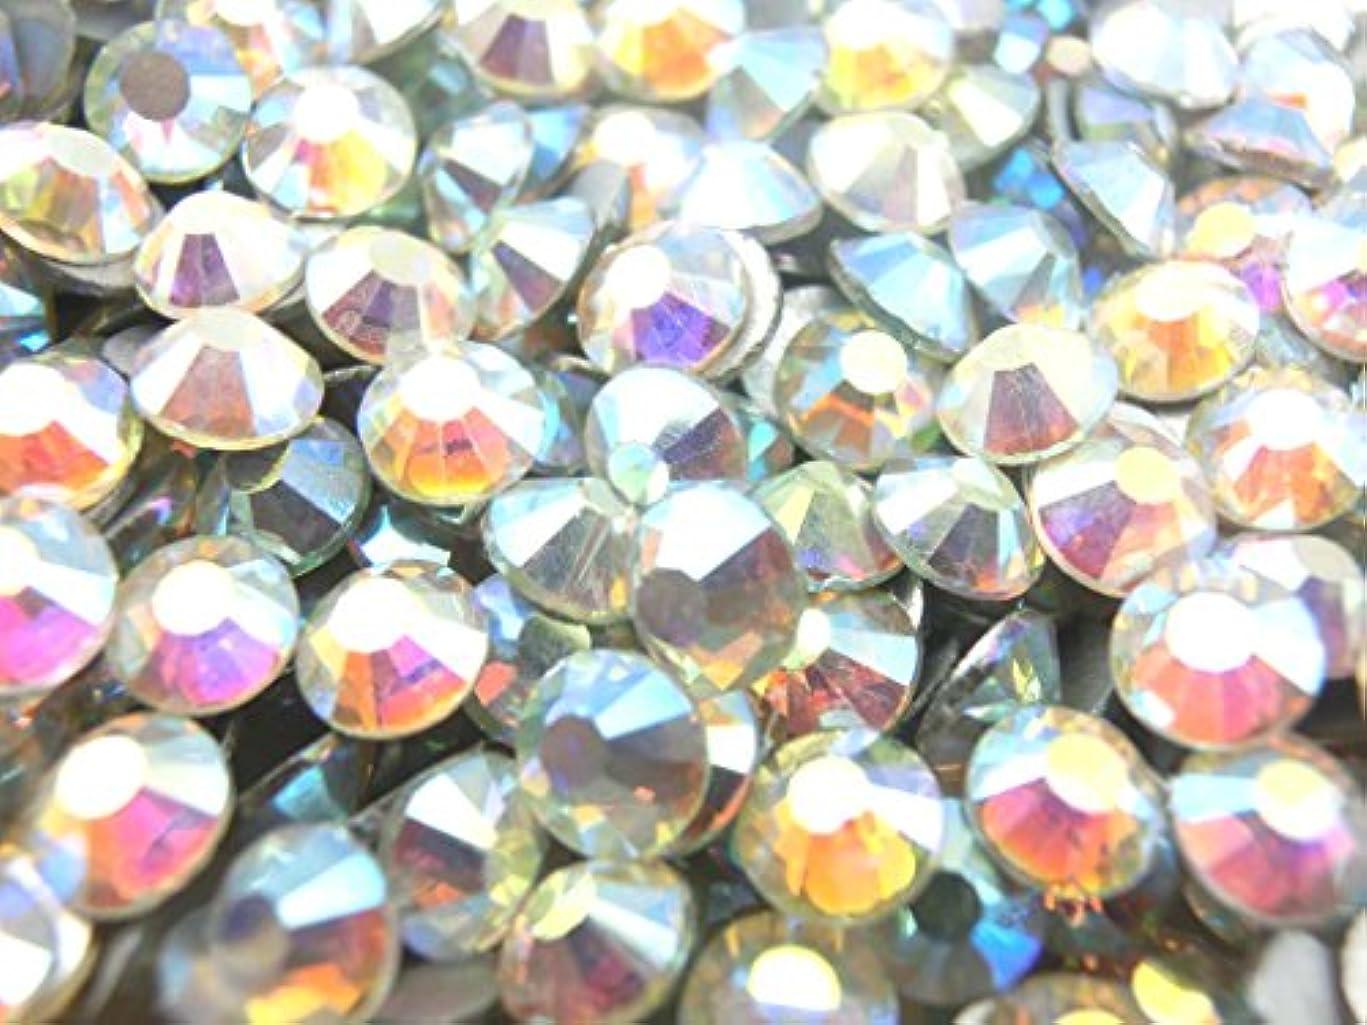 メッシュシリング鋼【ラインストーン77】 ガラス製ラインストーン オーロラクリスタル 各サイズ選択可能 スワロフスキー (4.0mm (SS16) 約150粒)